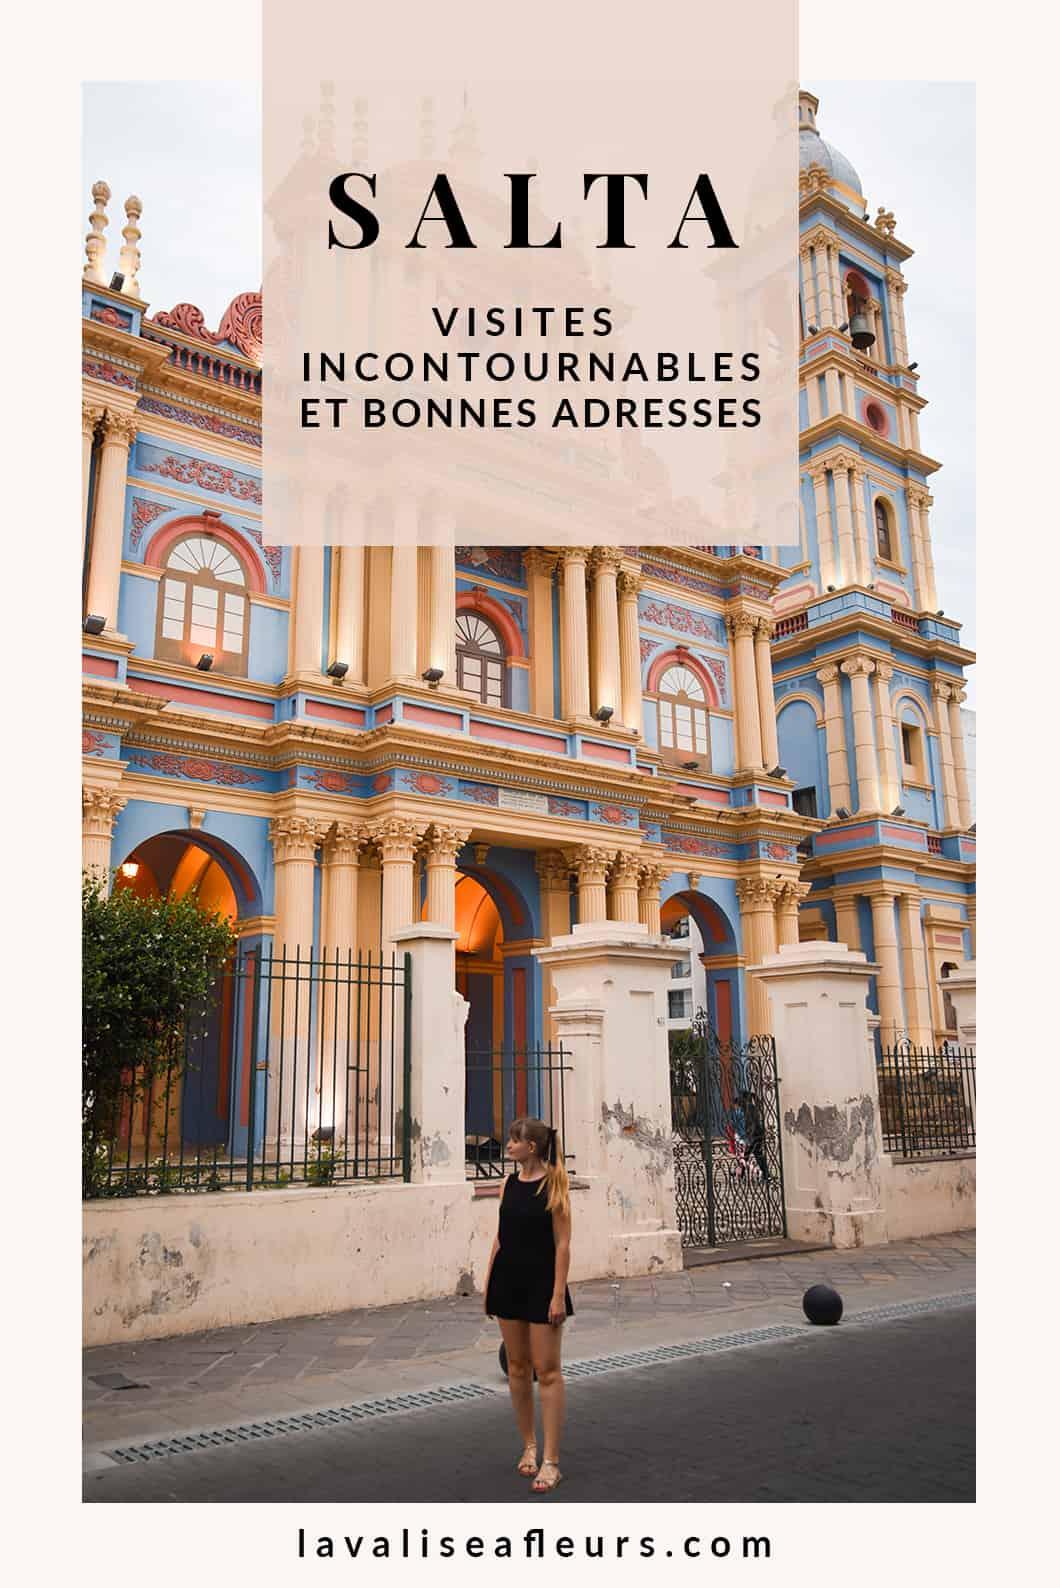 Visites incontournables et bonnes adresses à Salta en Argentine